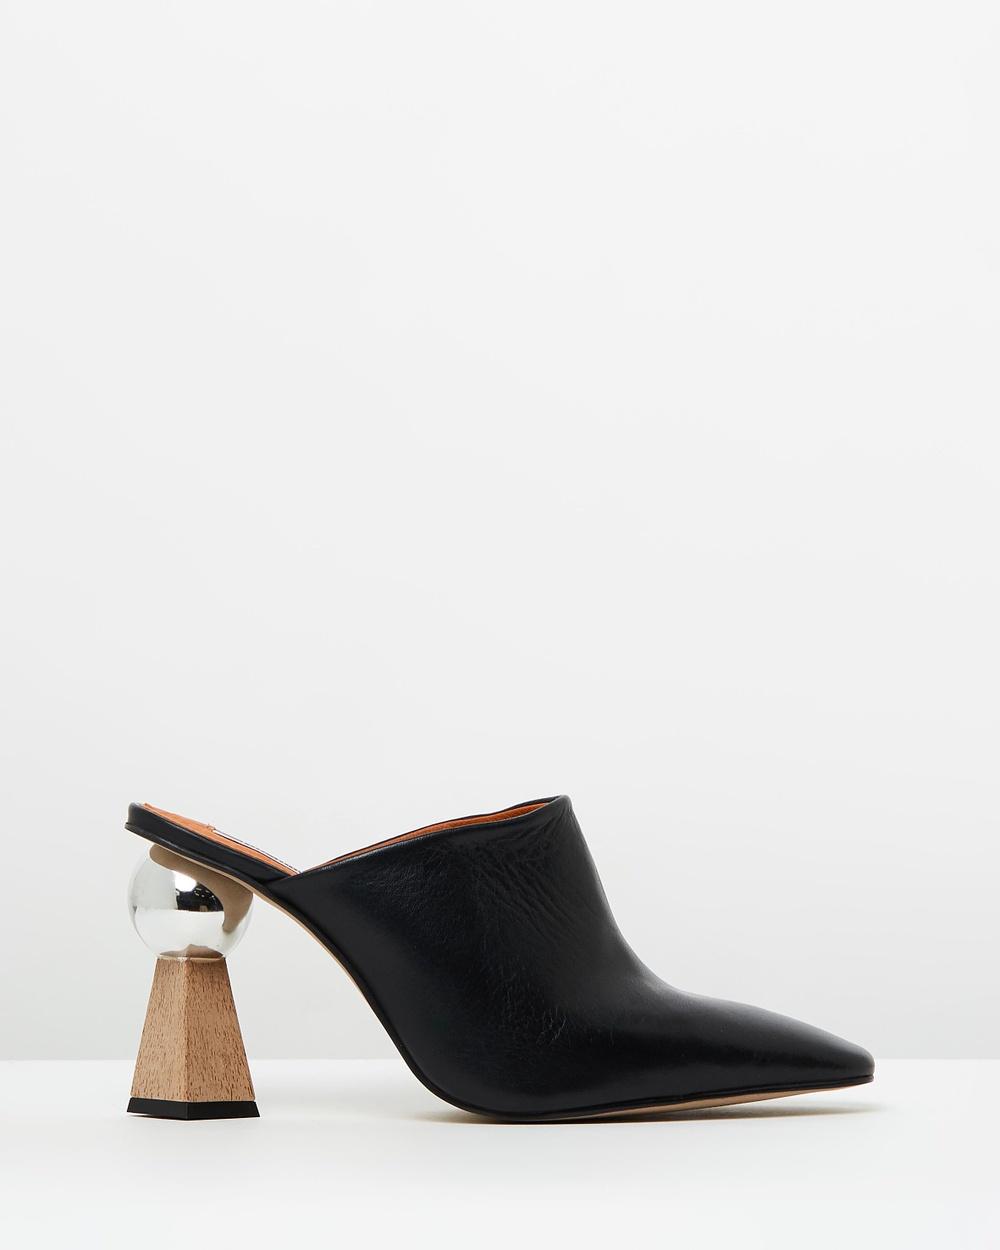 TOPSHOP Gala Sculpted Heels Heels Black Gala Sculpted Heels